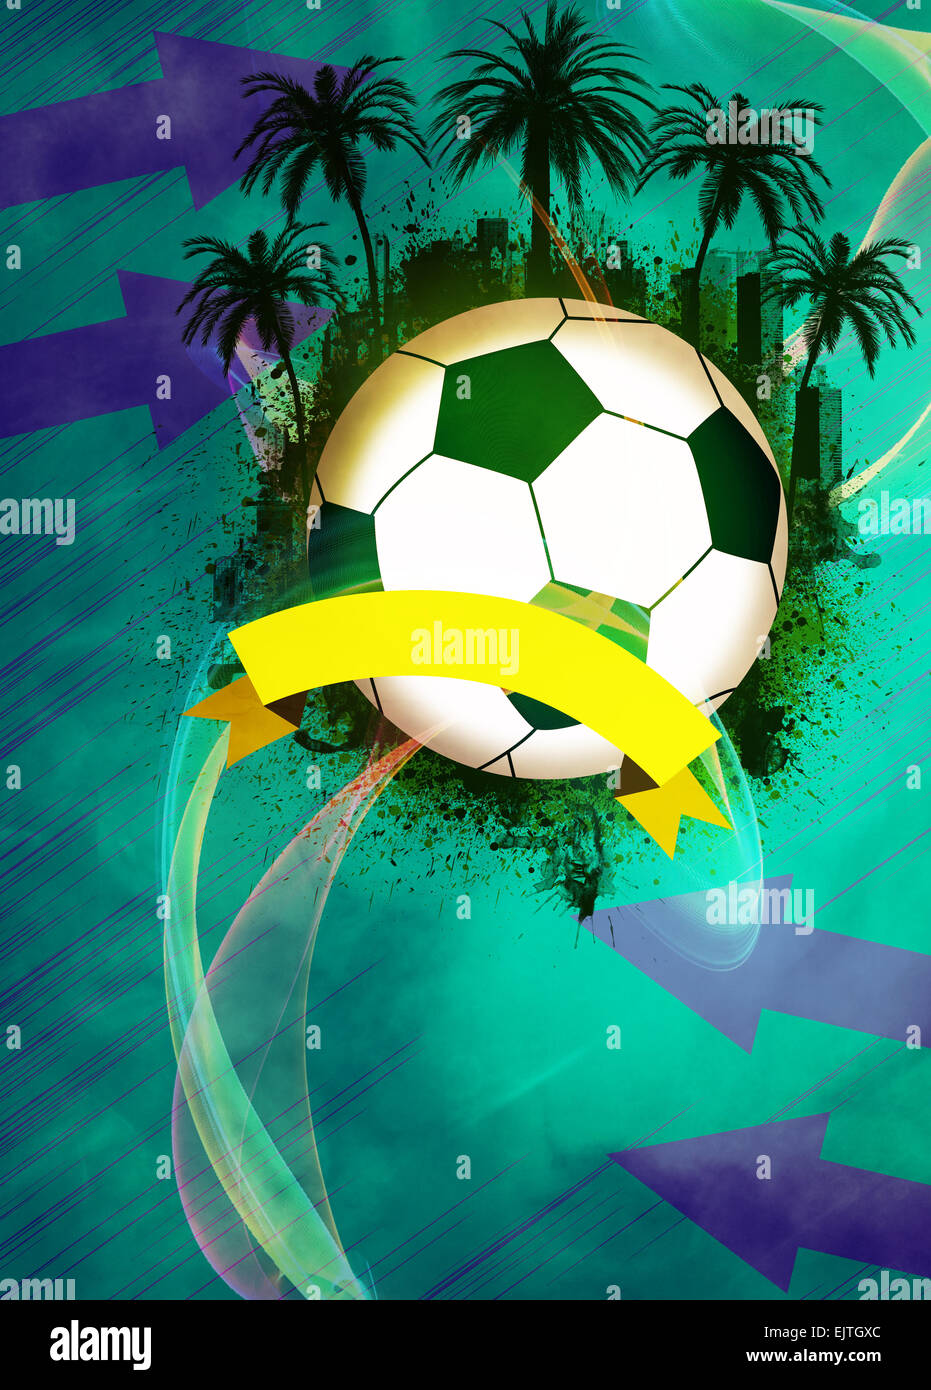 Fussball Oder Fussball Einladung Poster Flyer Und Andere